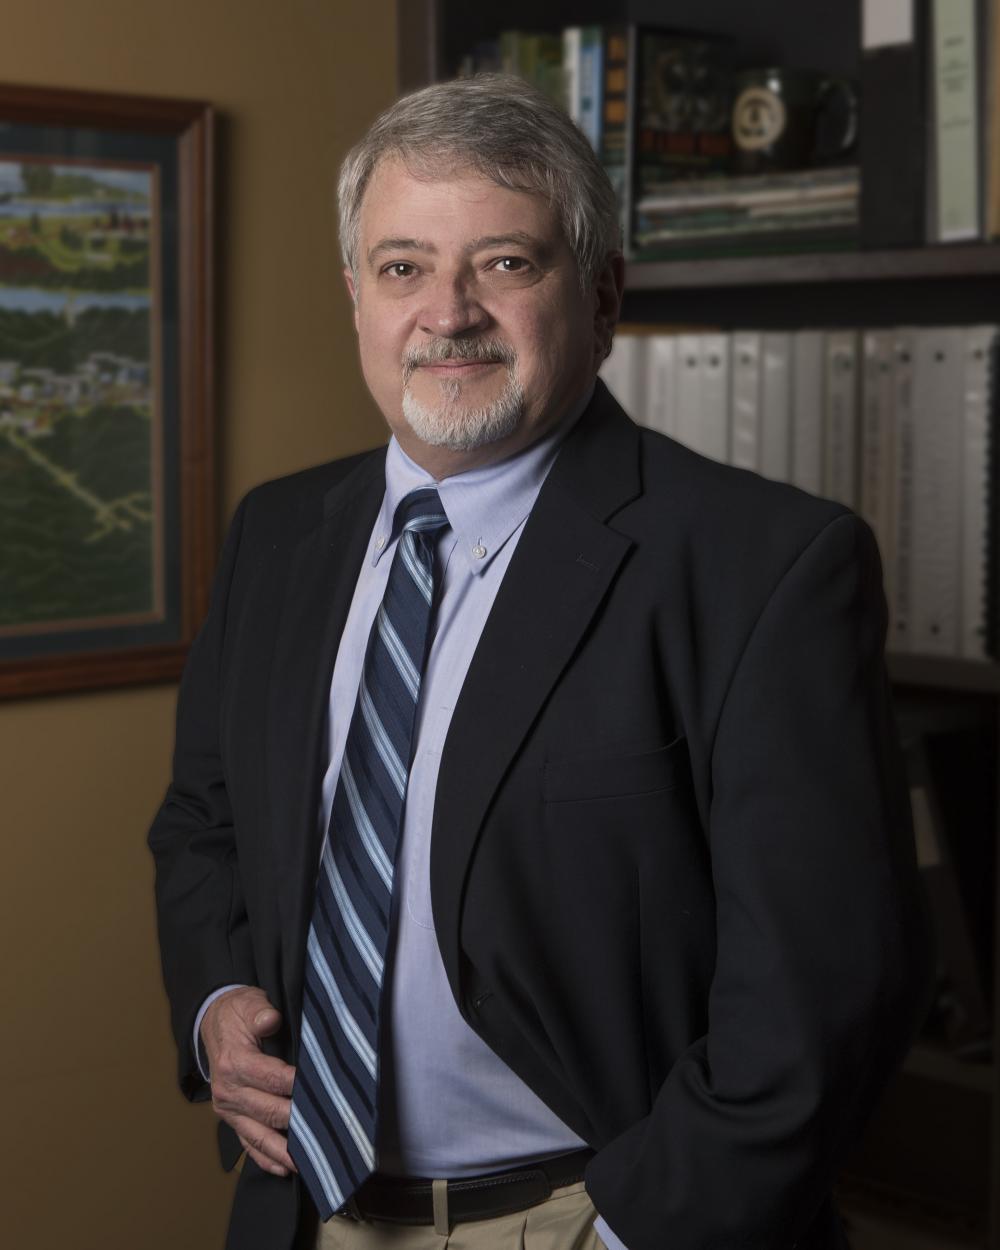 Greg Borden